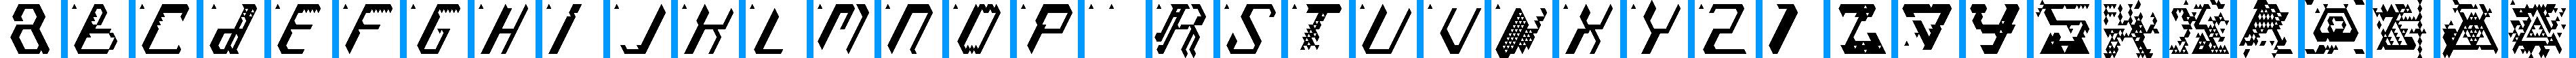 Particip-a-type v.272